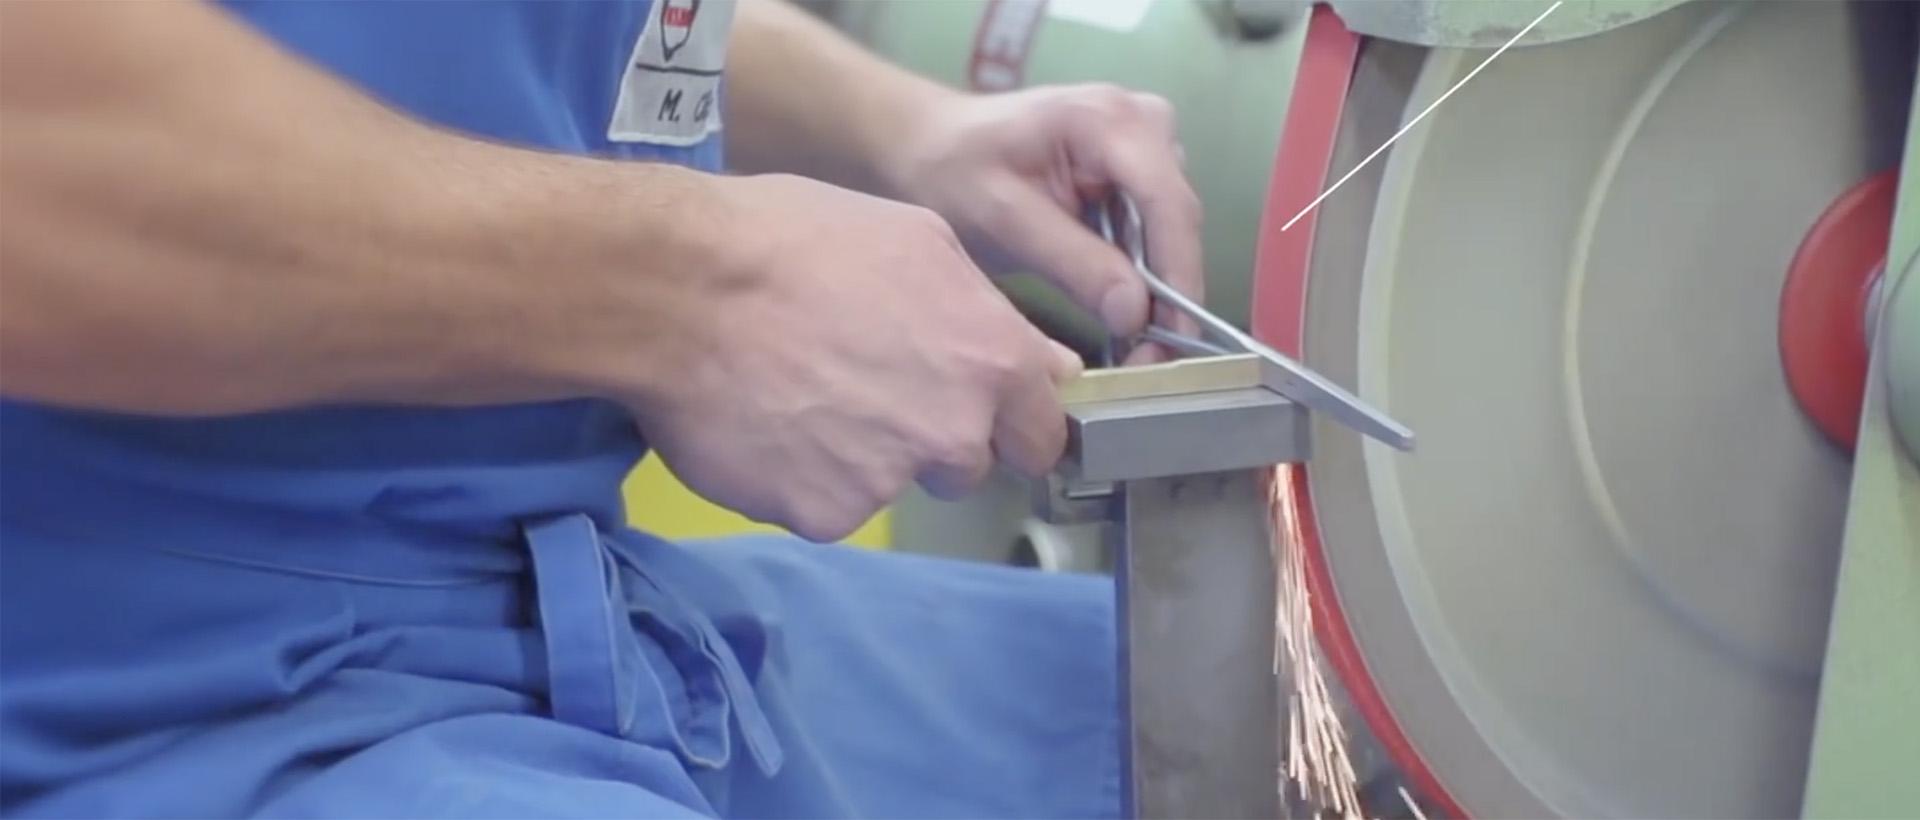 Fabricación de un instrumento quirúrgico